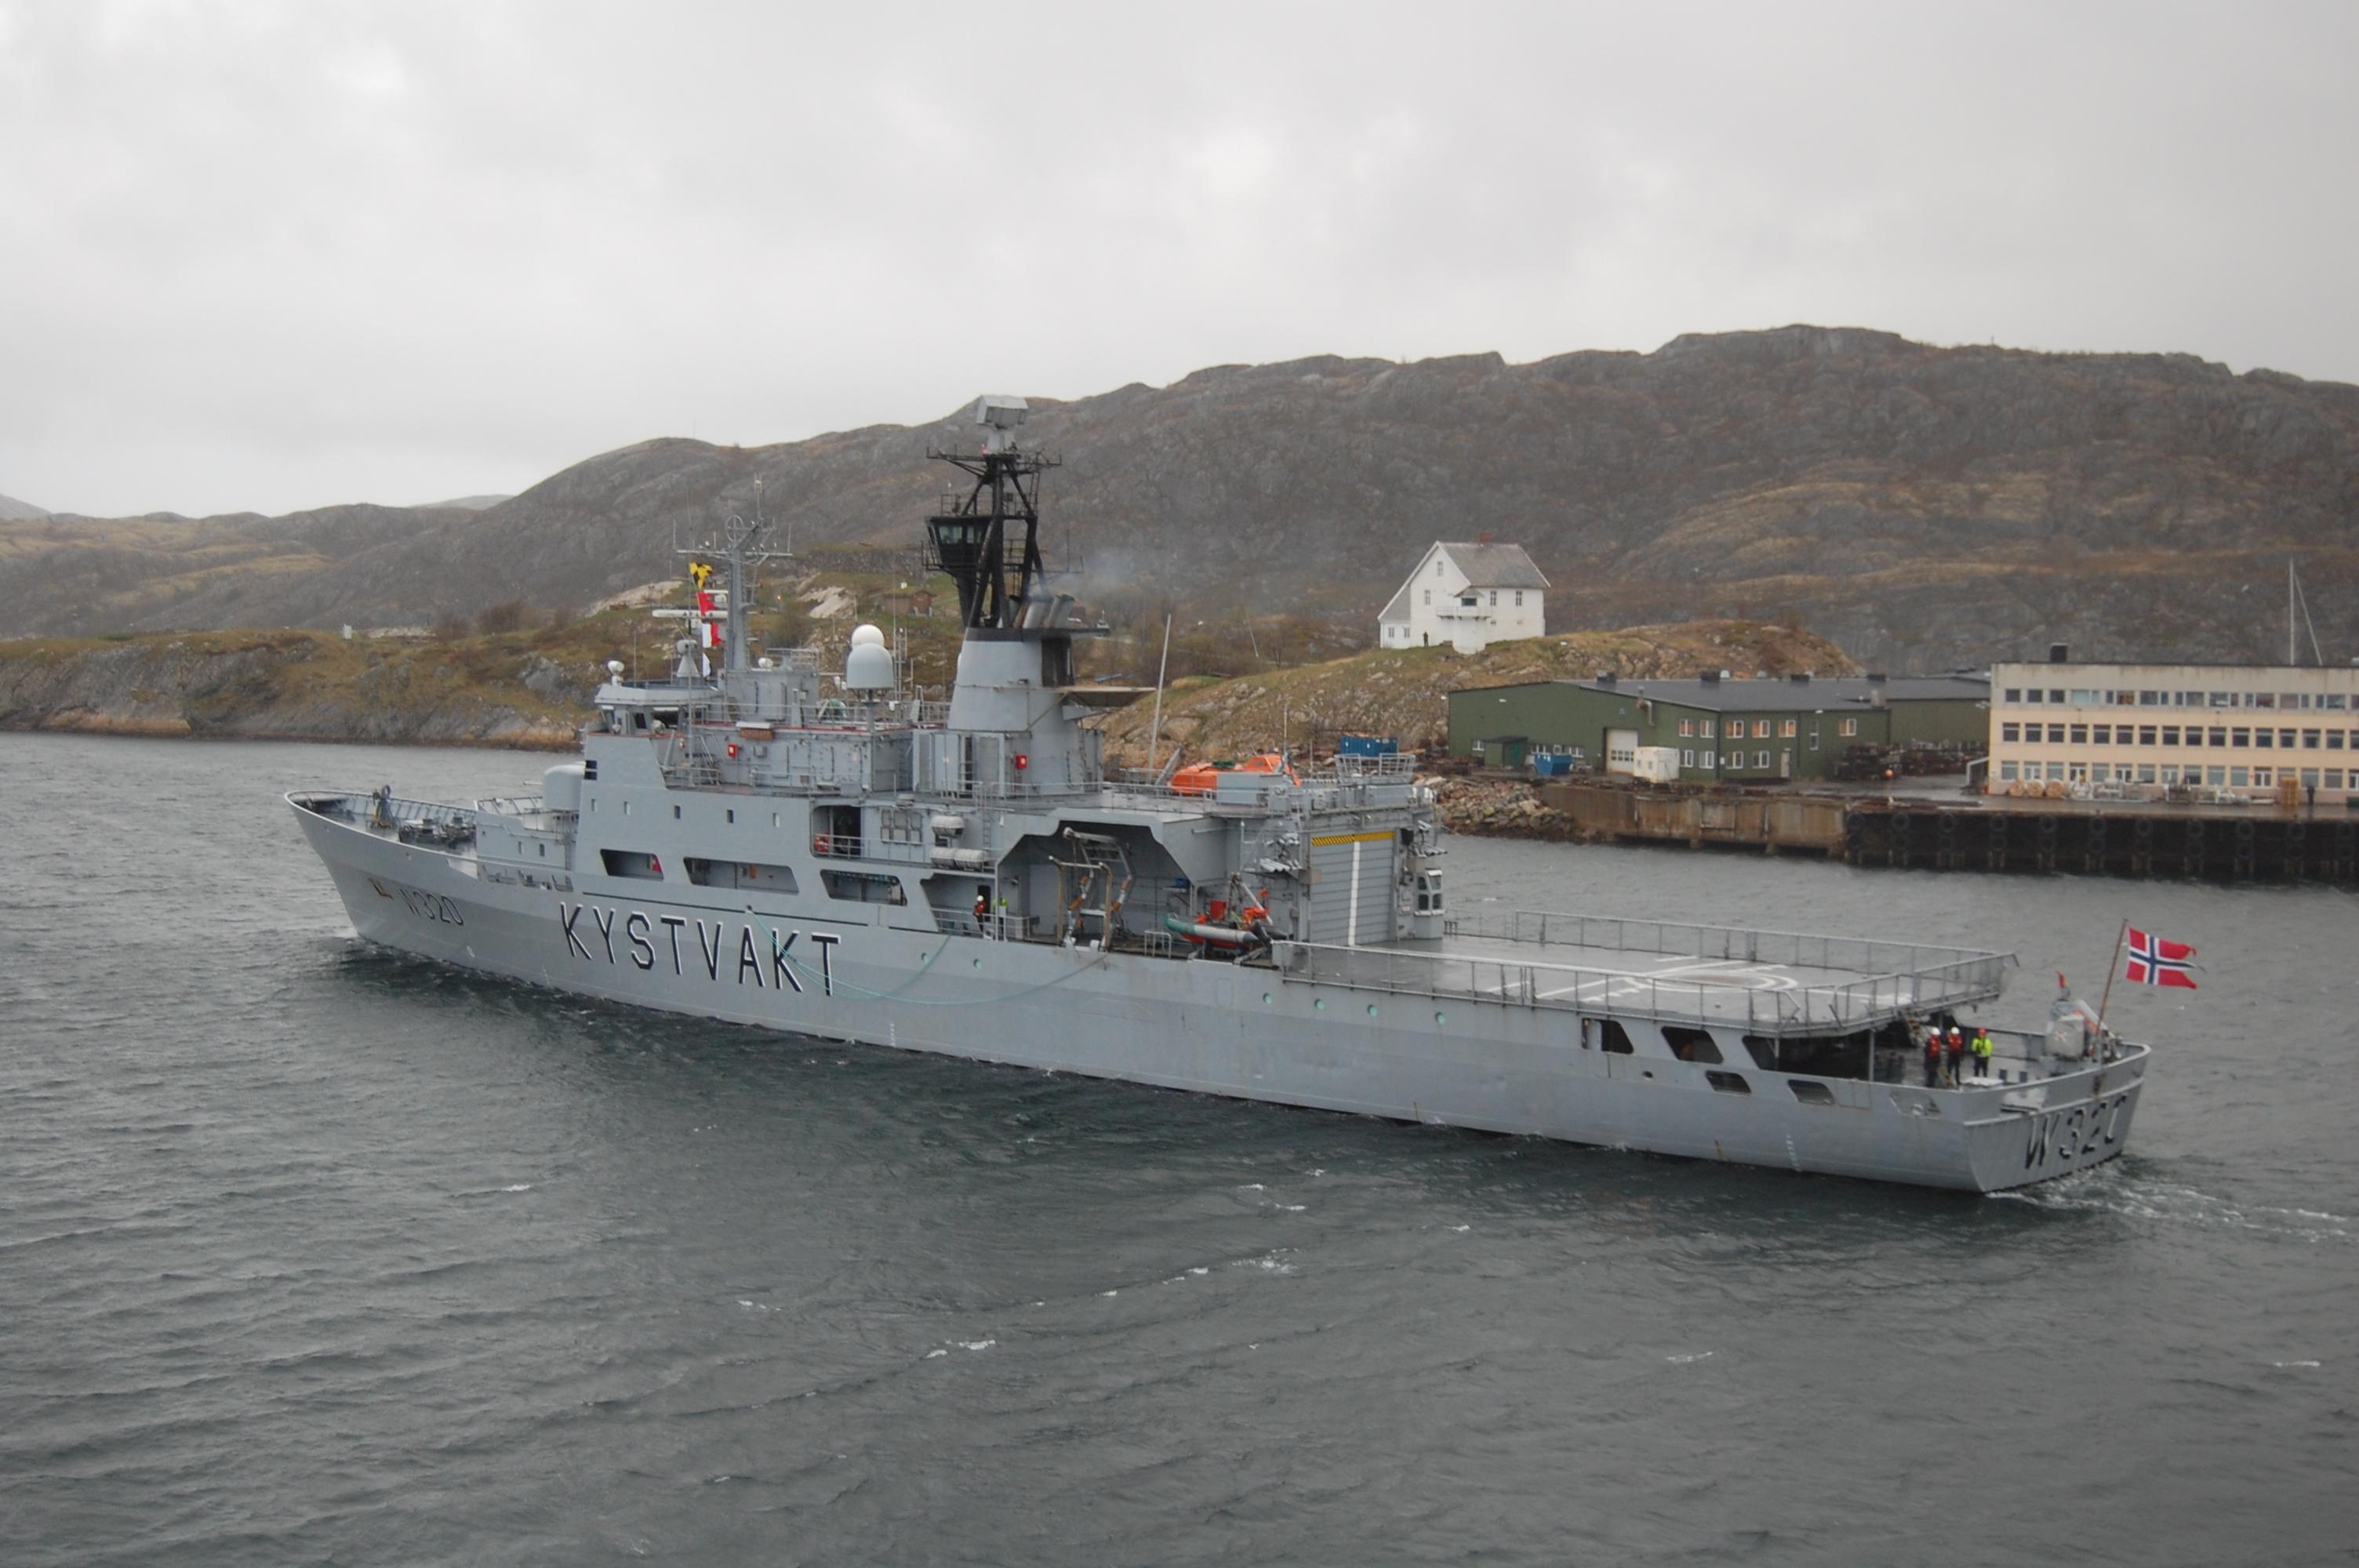 File:KV Nordkapp in Bodø 3.JPG - Wikimedia Commons